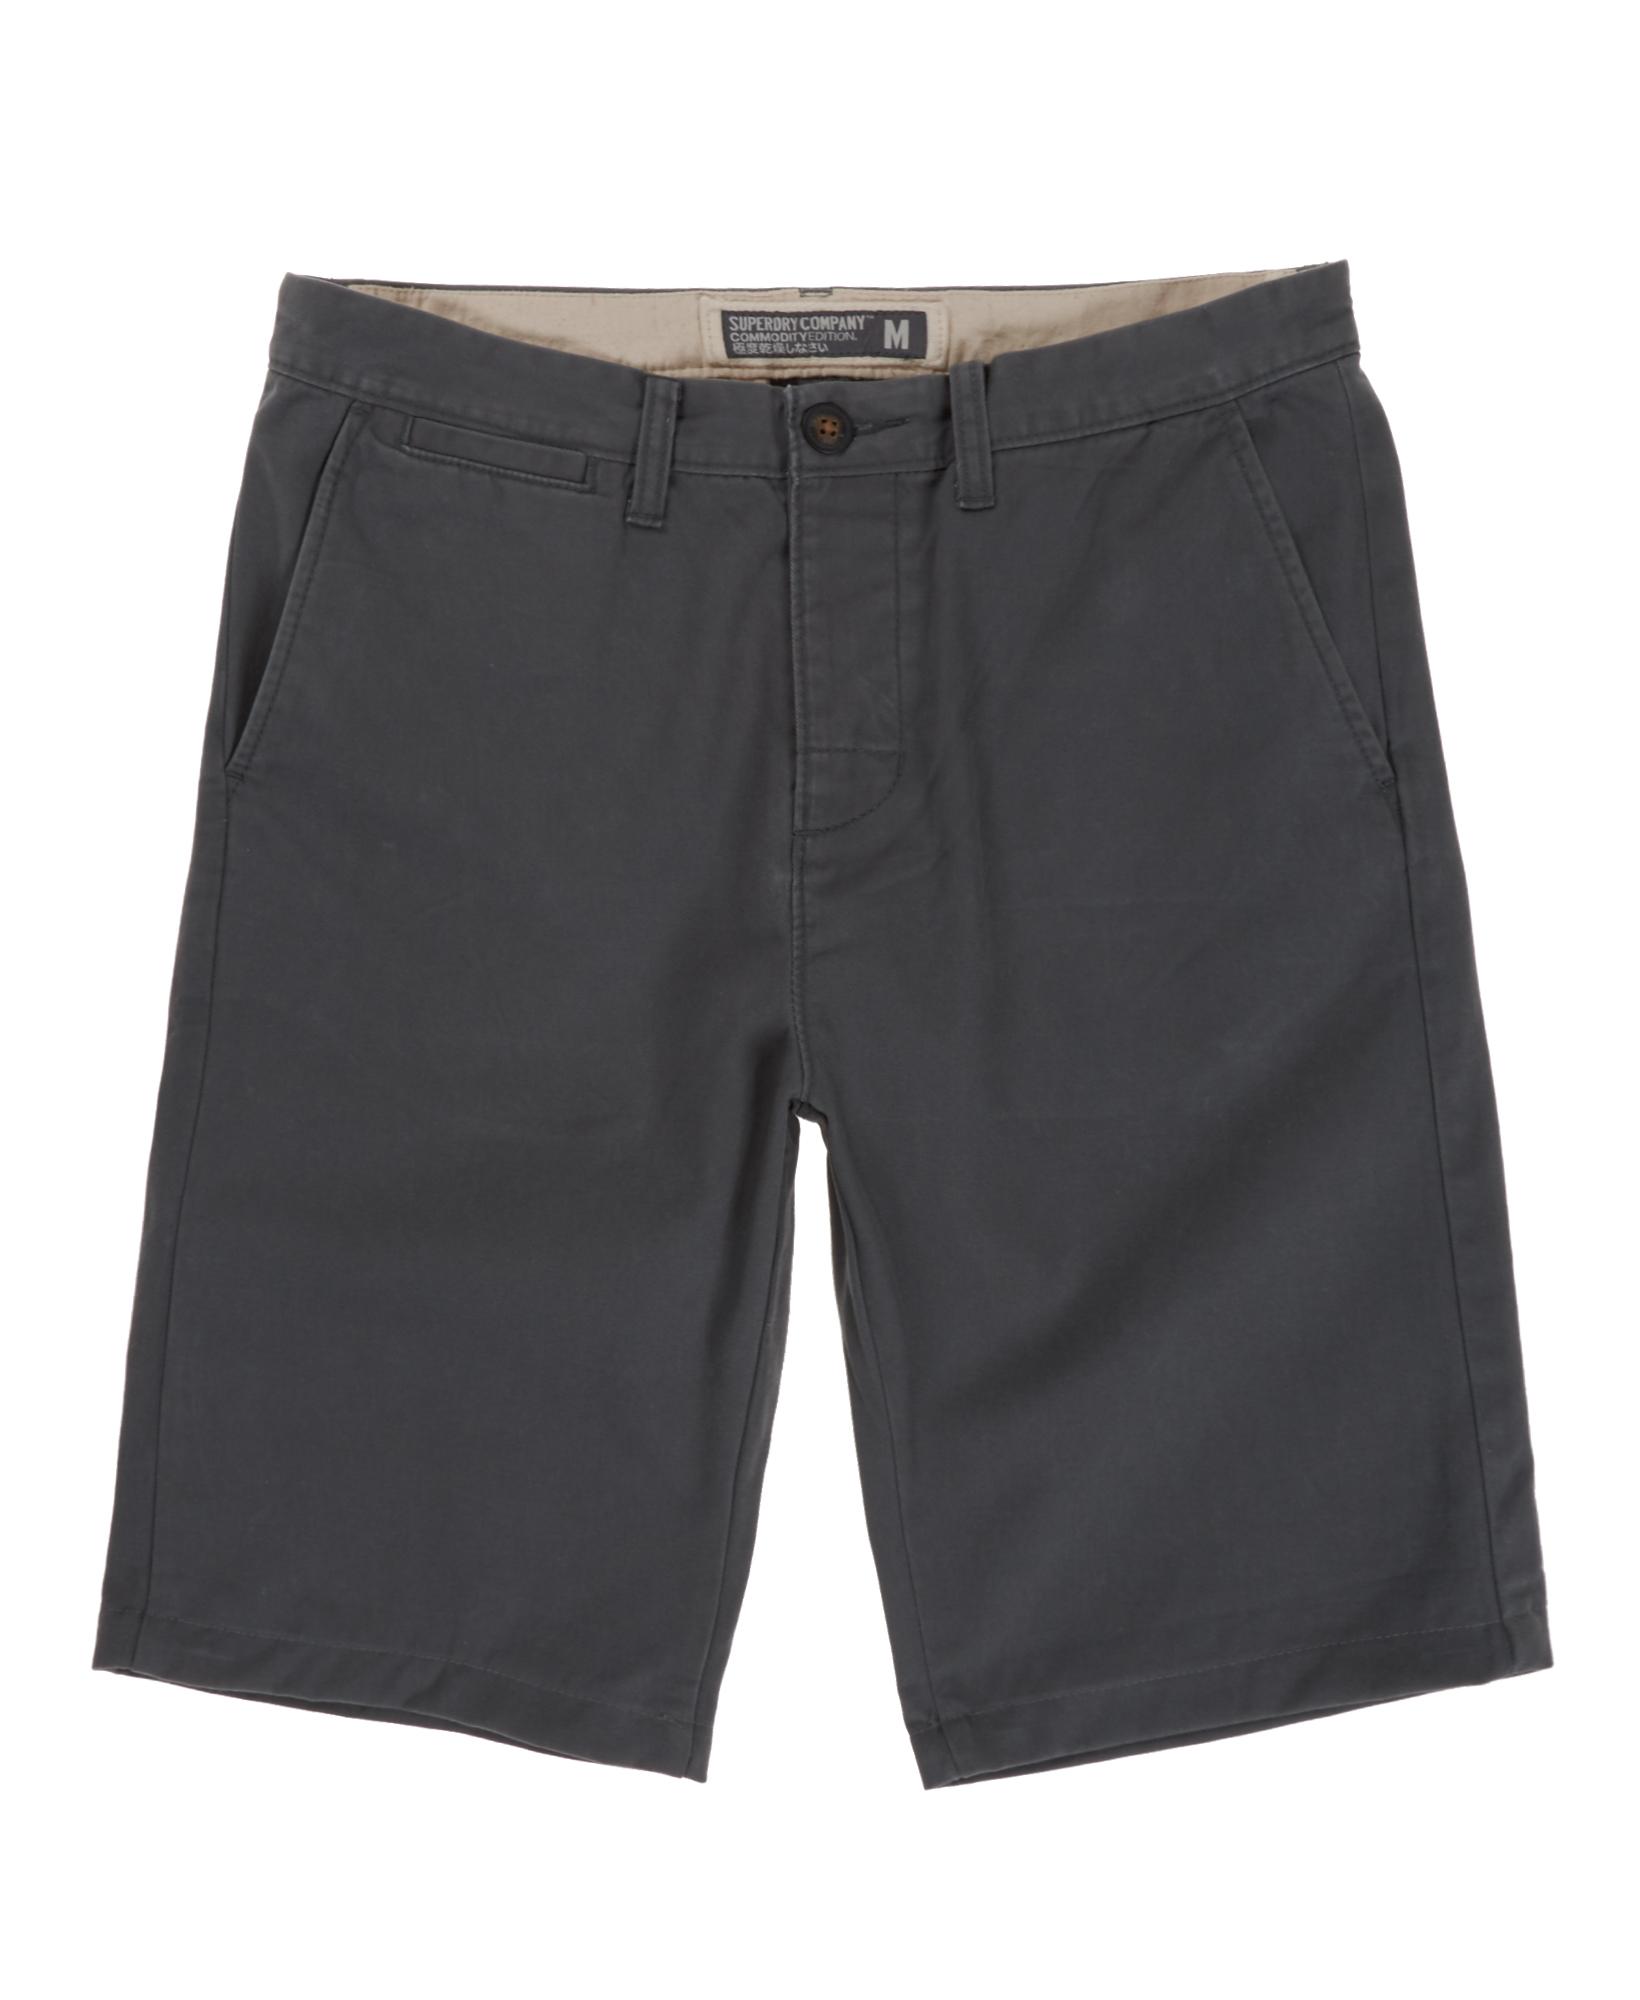 New Mens Superdry Commodity Skinny Chino Shorts Grey | eBay